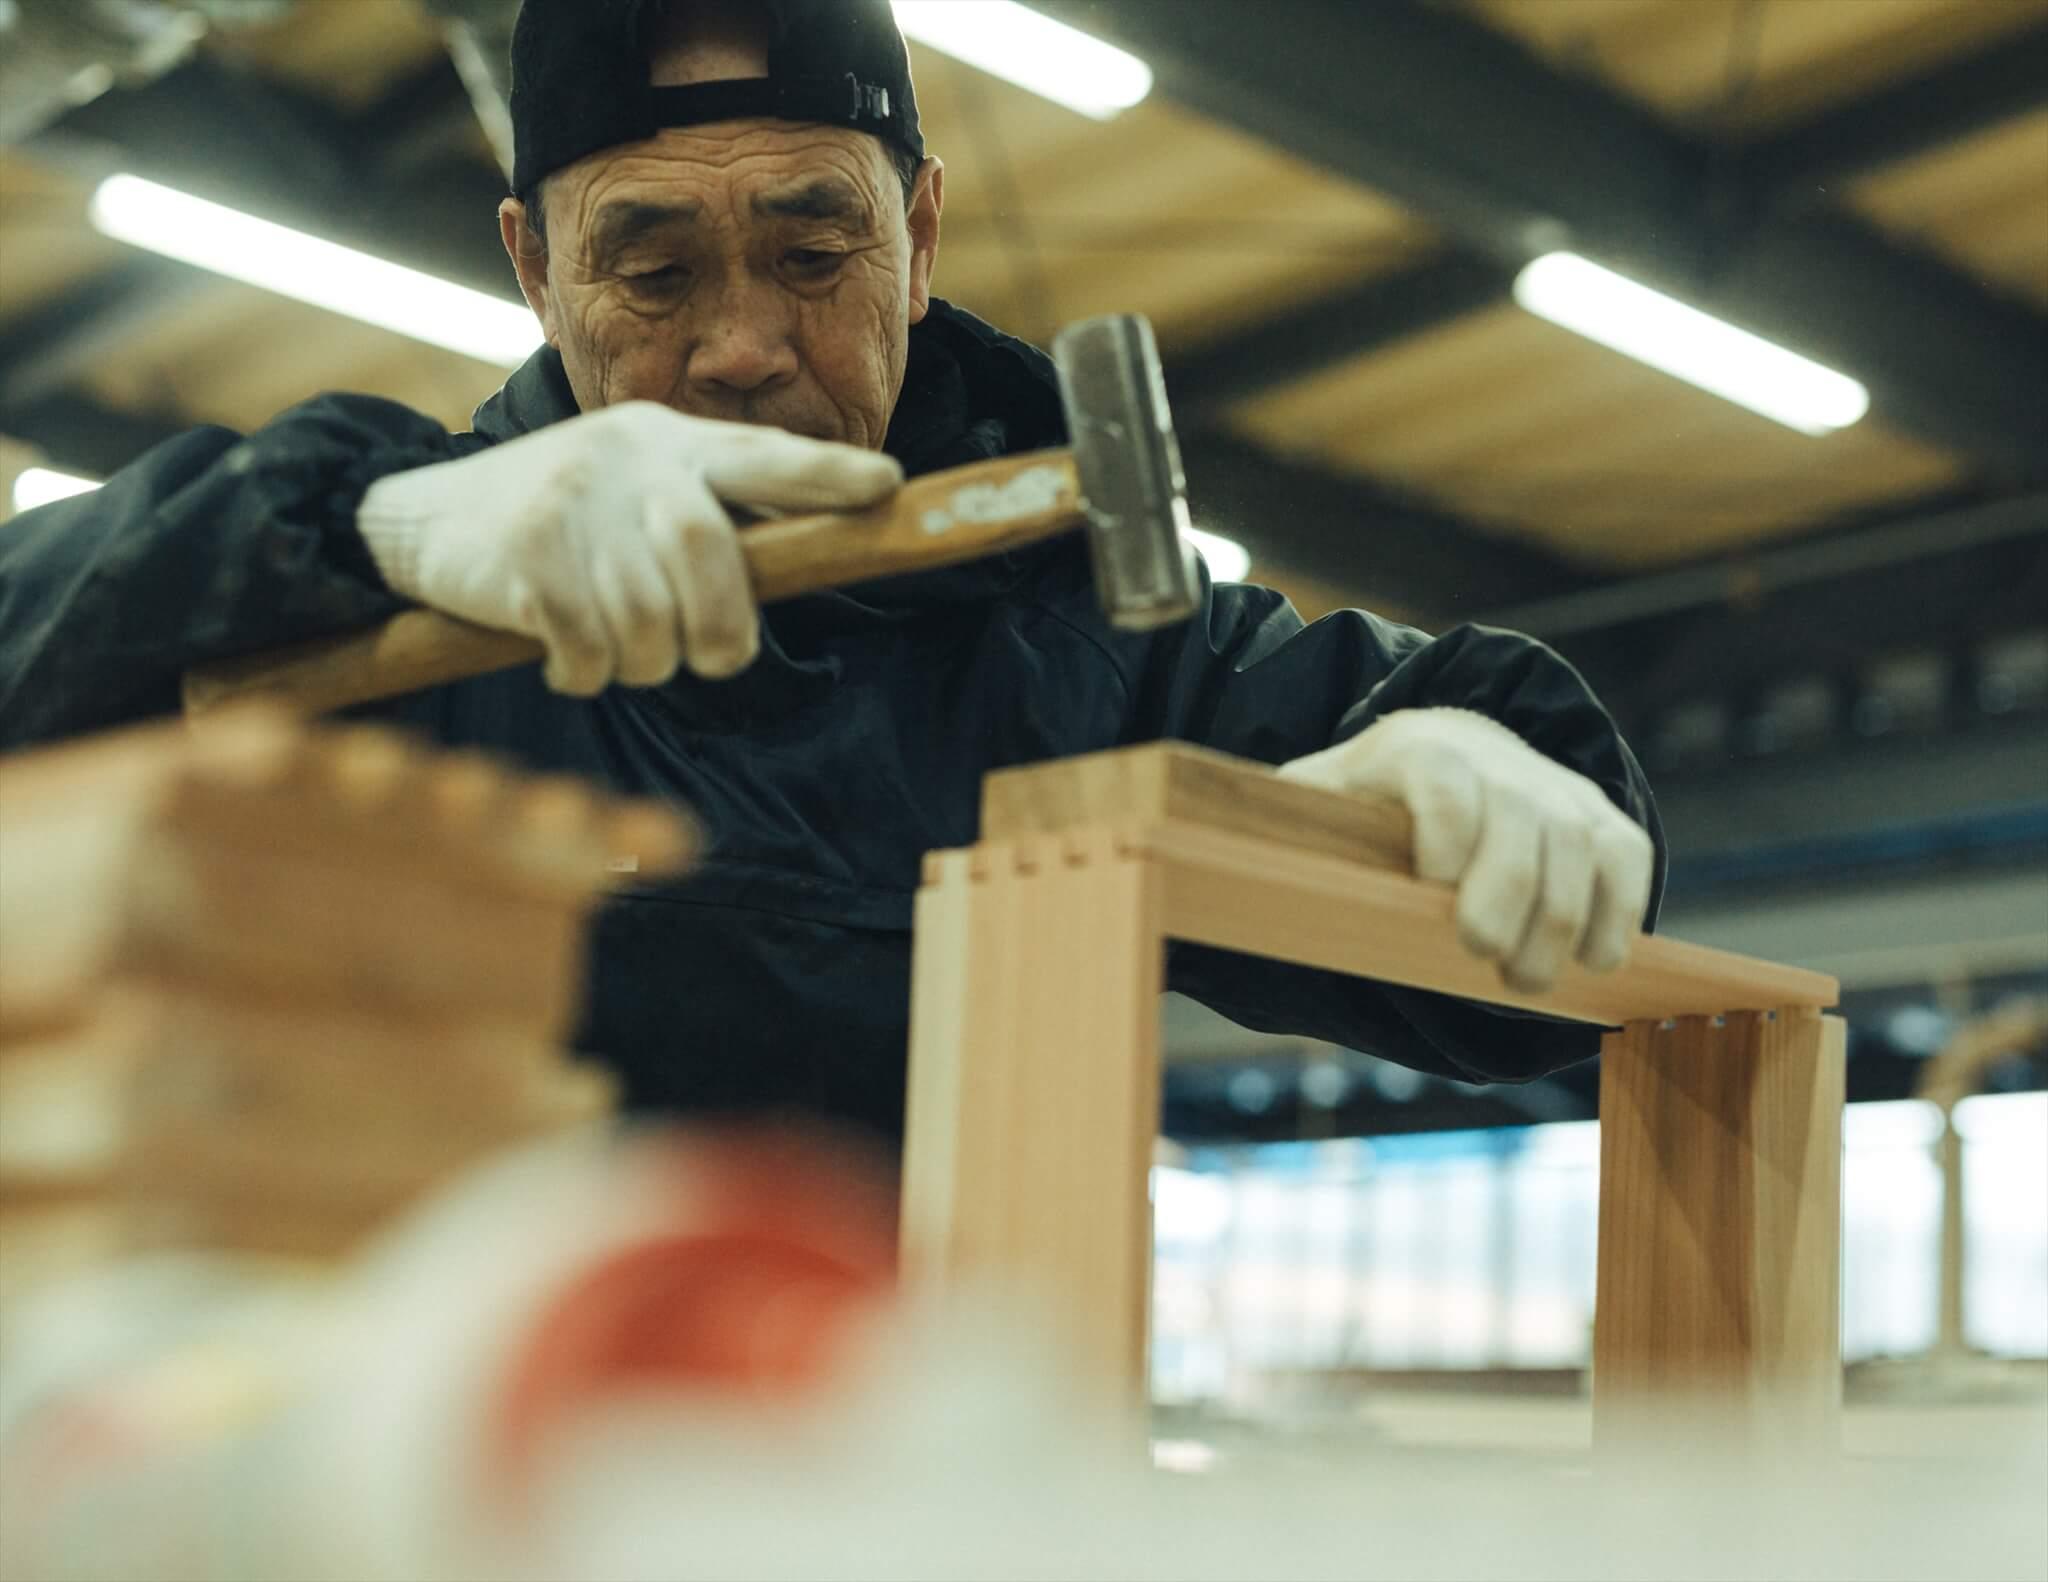 木箱を組み立てる大工さん